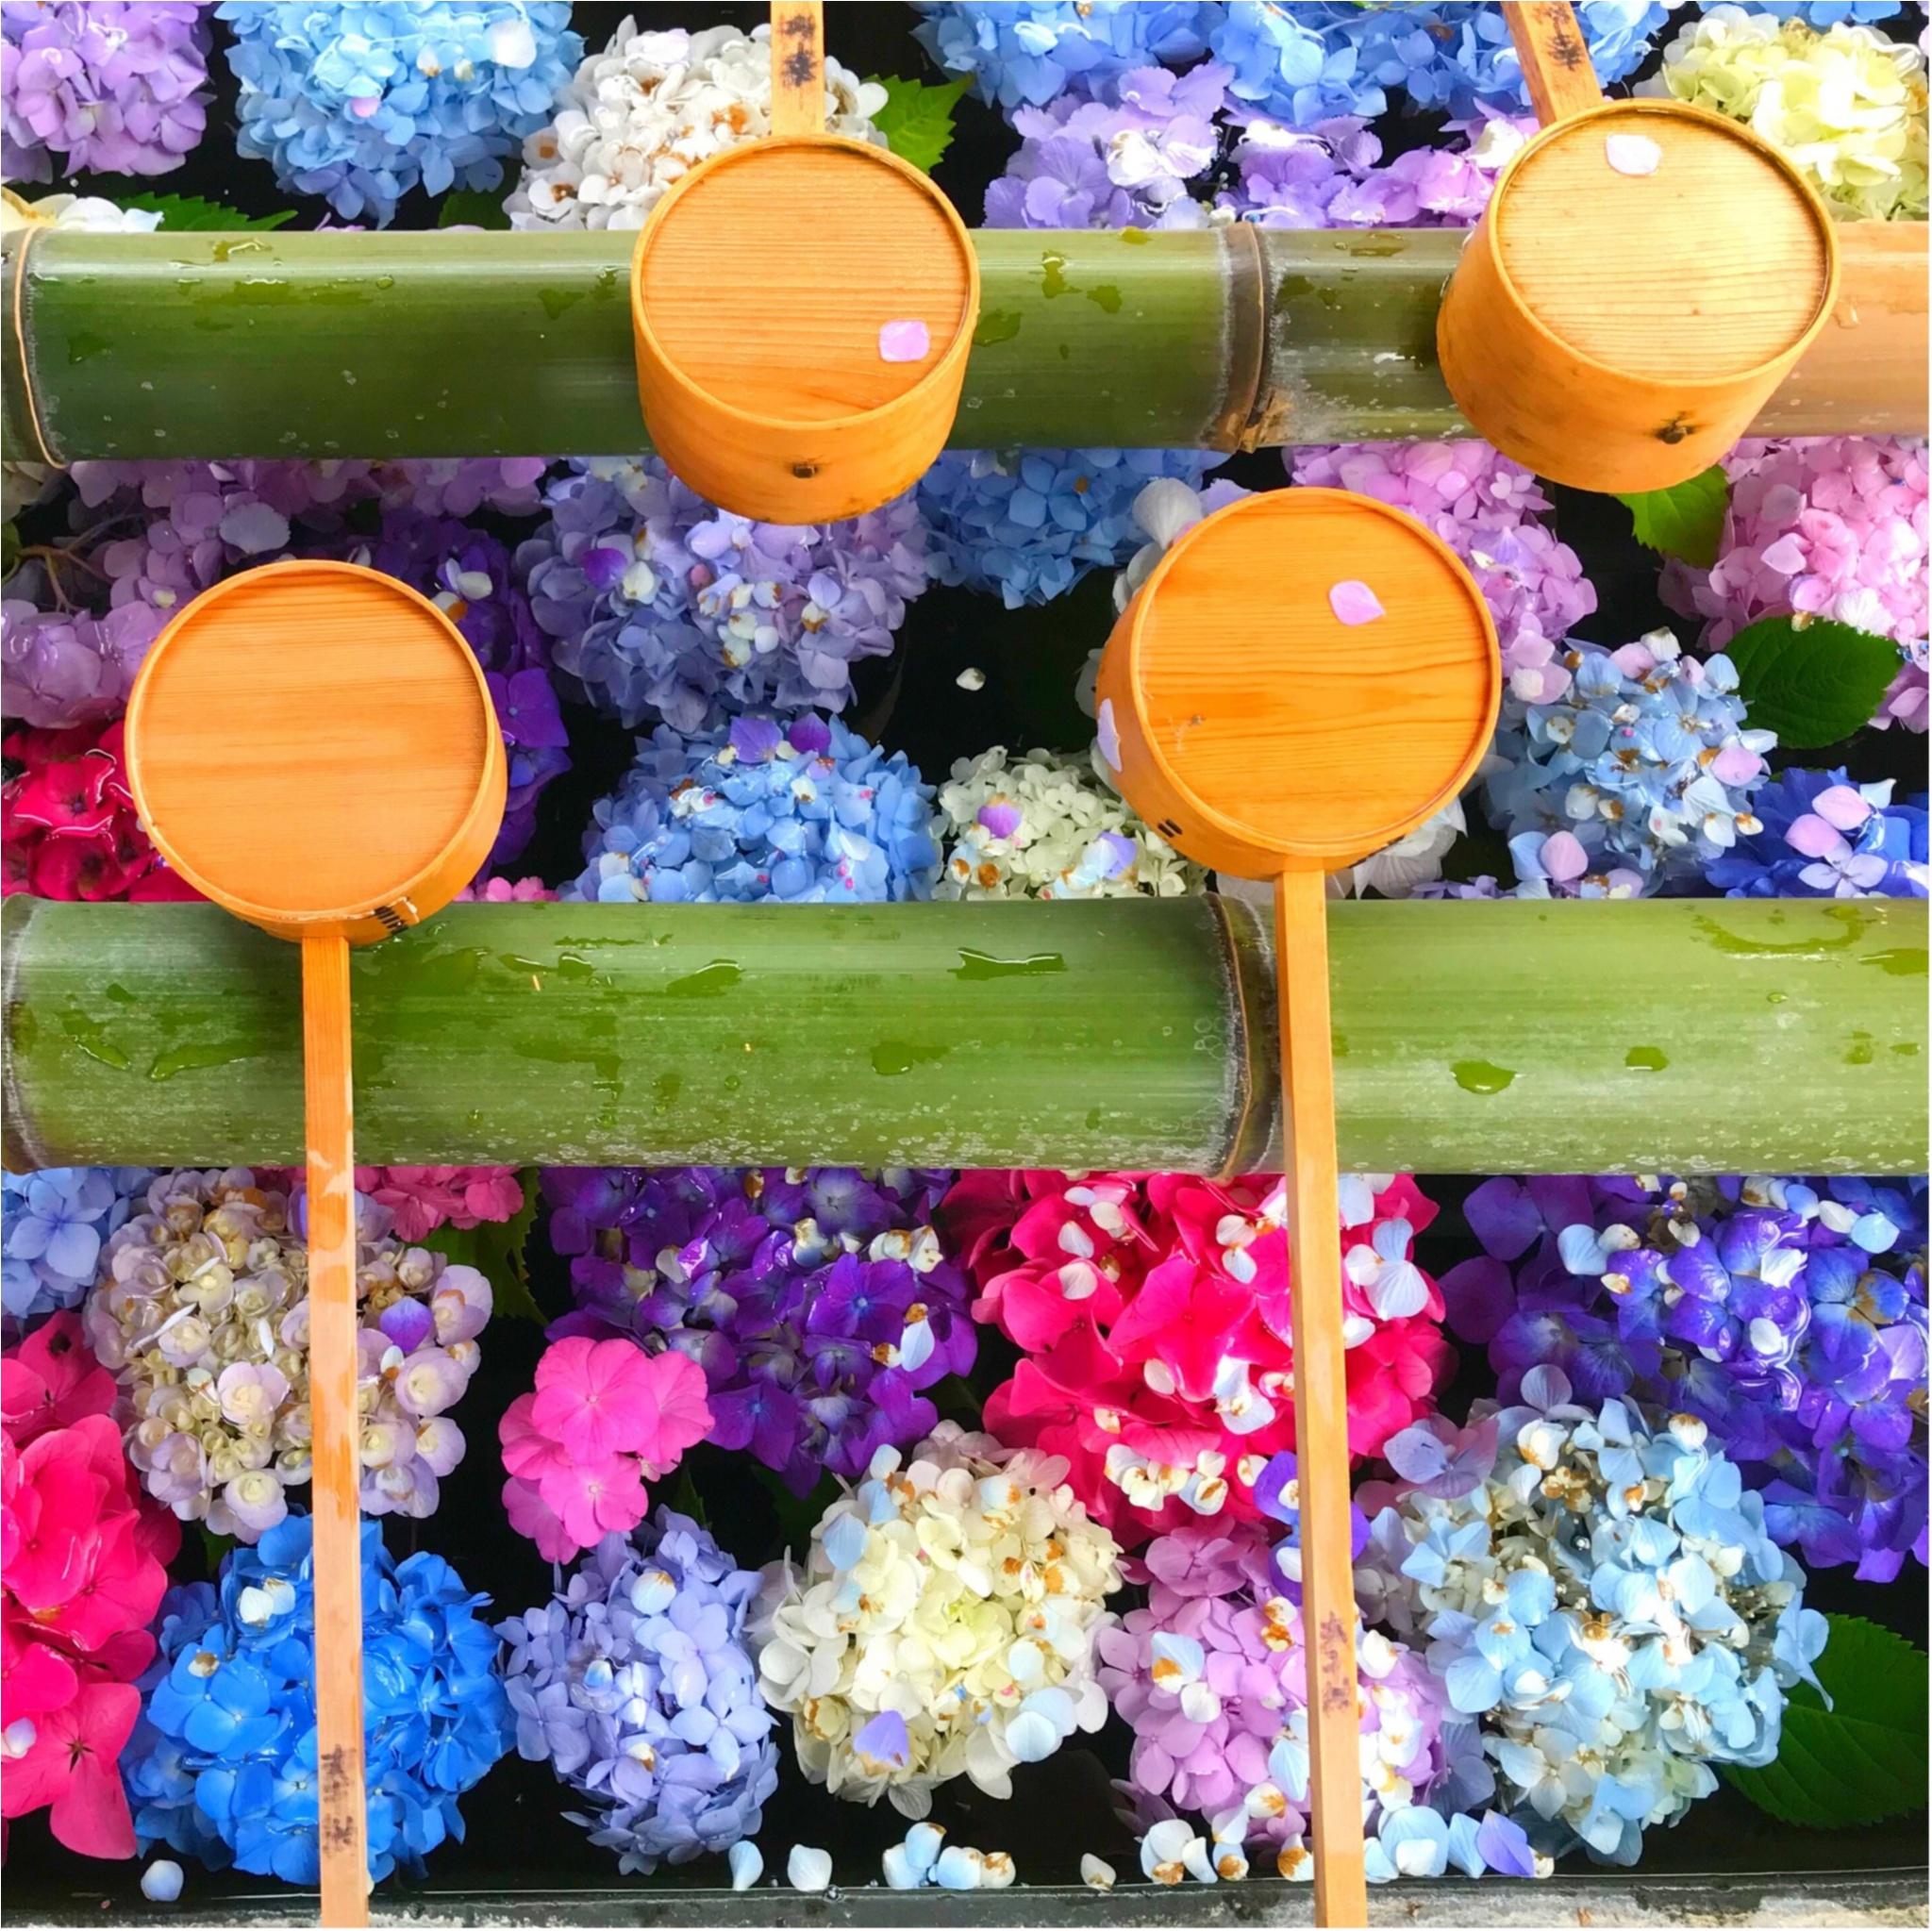 今日【7/1】まで!! 京都のフォトジェニックすぎるイベントとは? 今週の「ご当地モア」ランキング、エリア別第1位を発表!_5